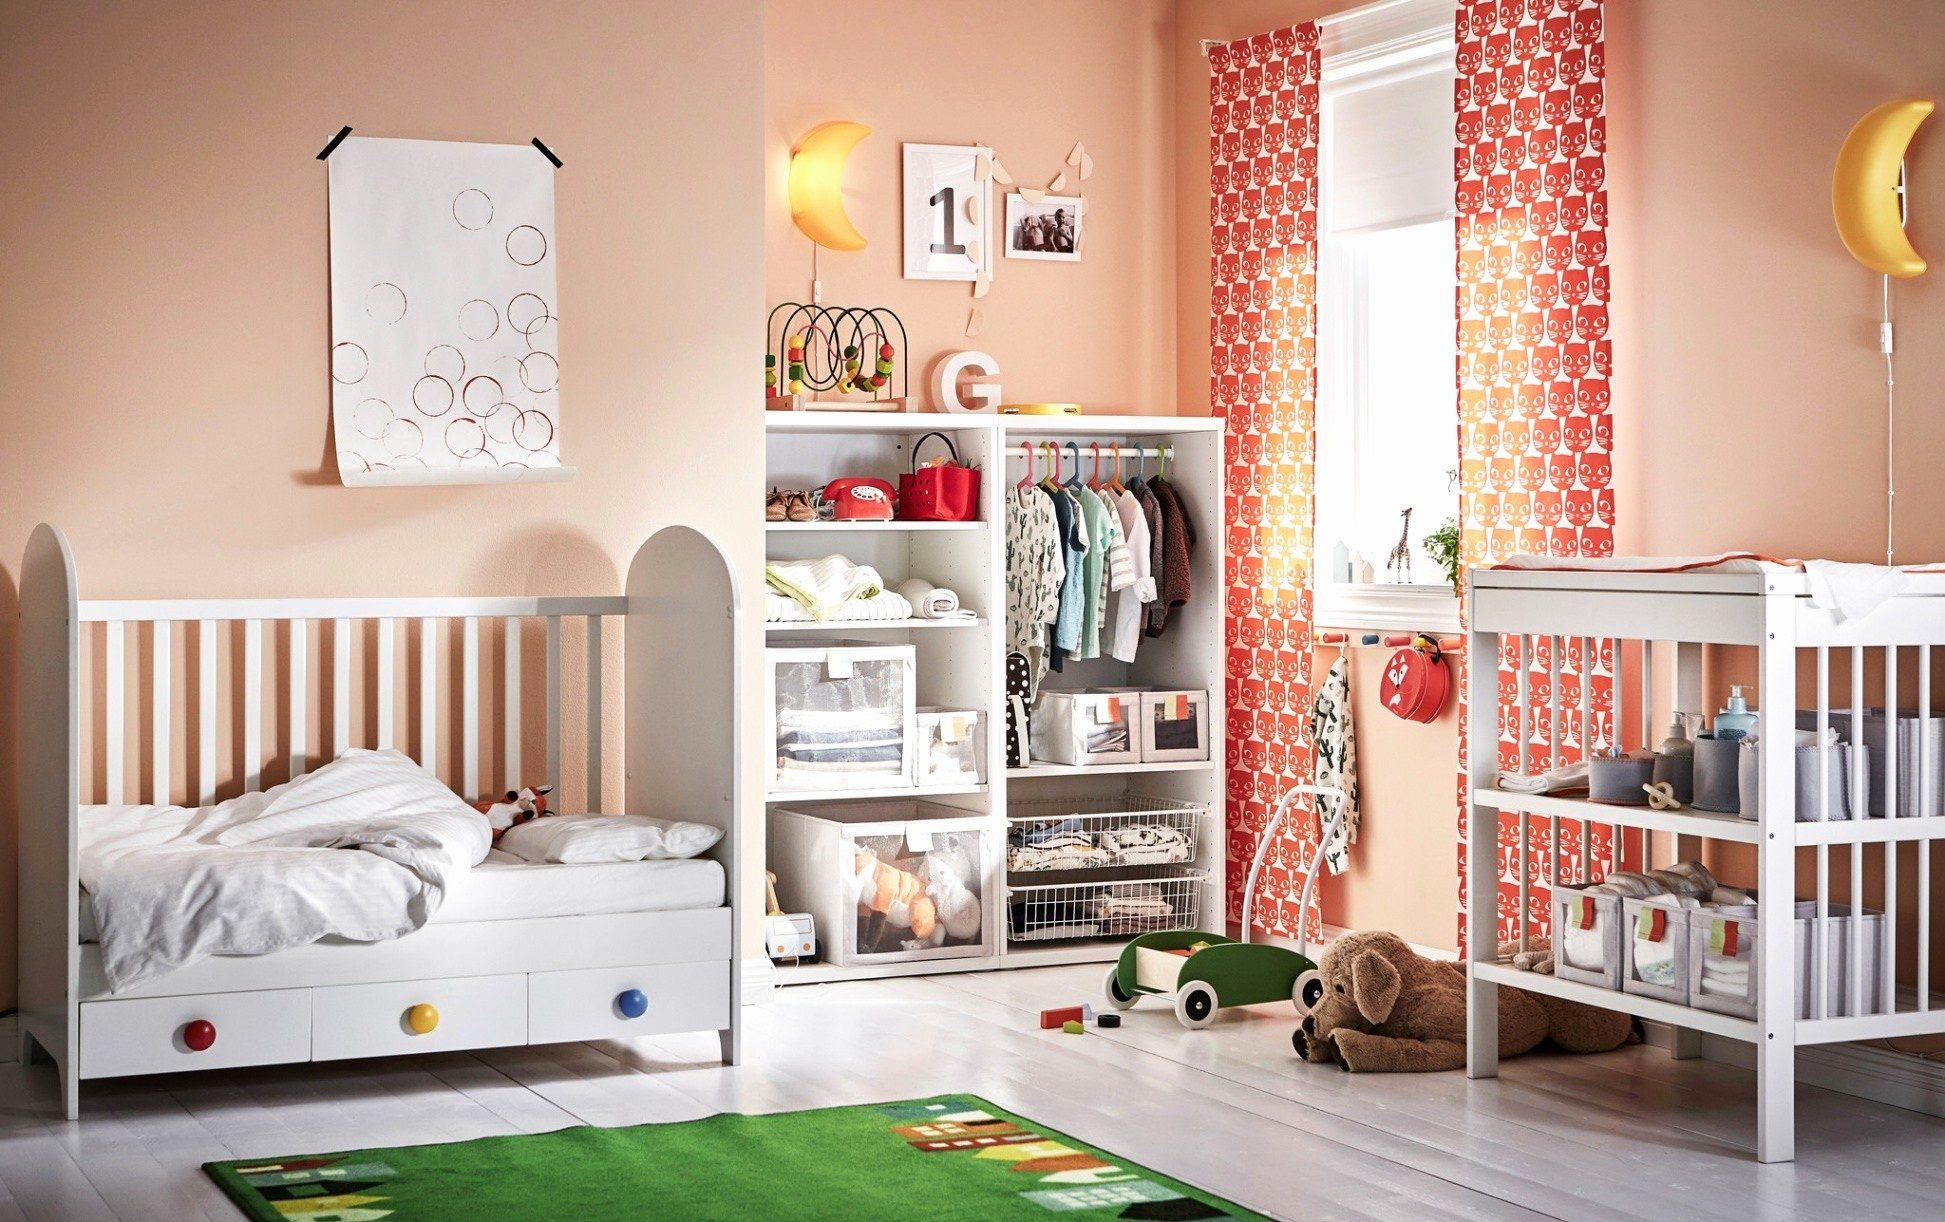 Lit Montessori Bébé 9 Mois Nouveau Cadre Chambre Bébé Fille